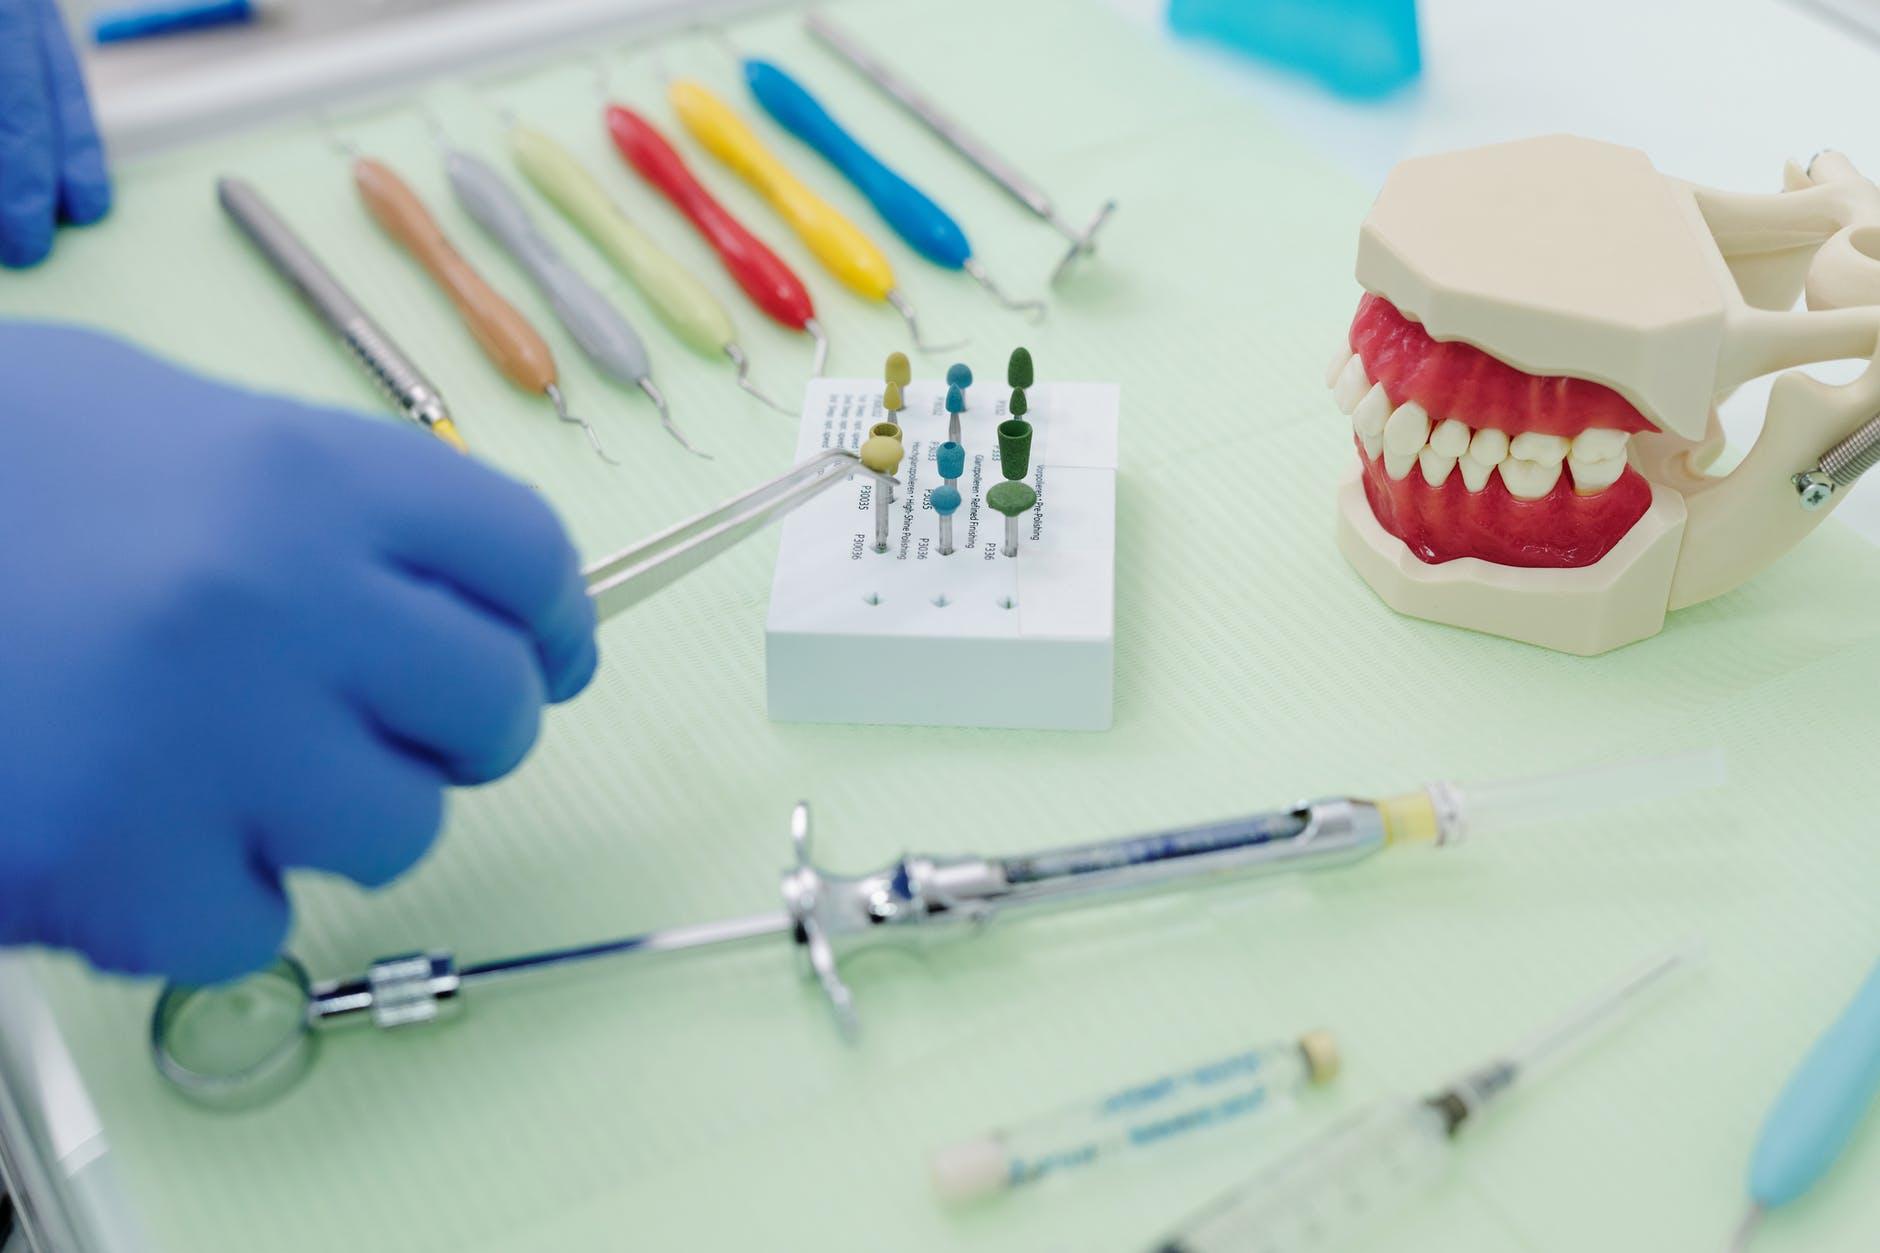 2021 trends in periodontia